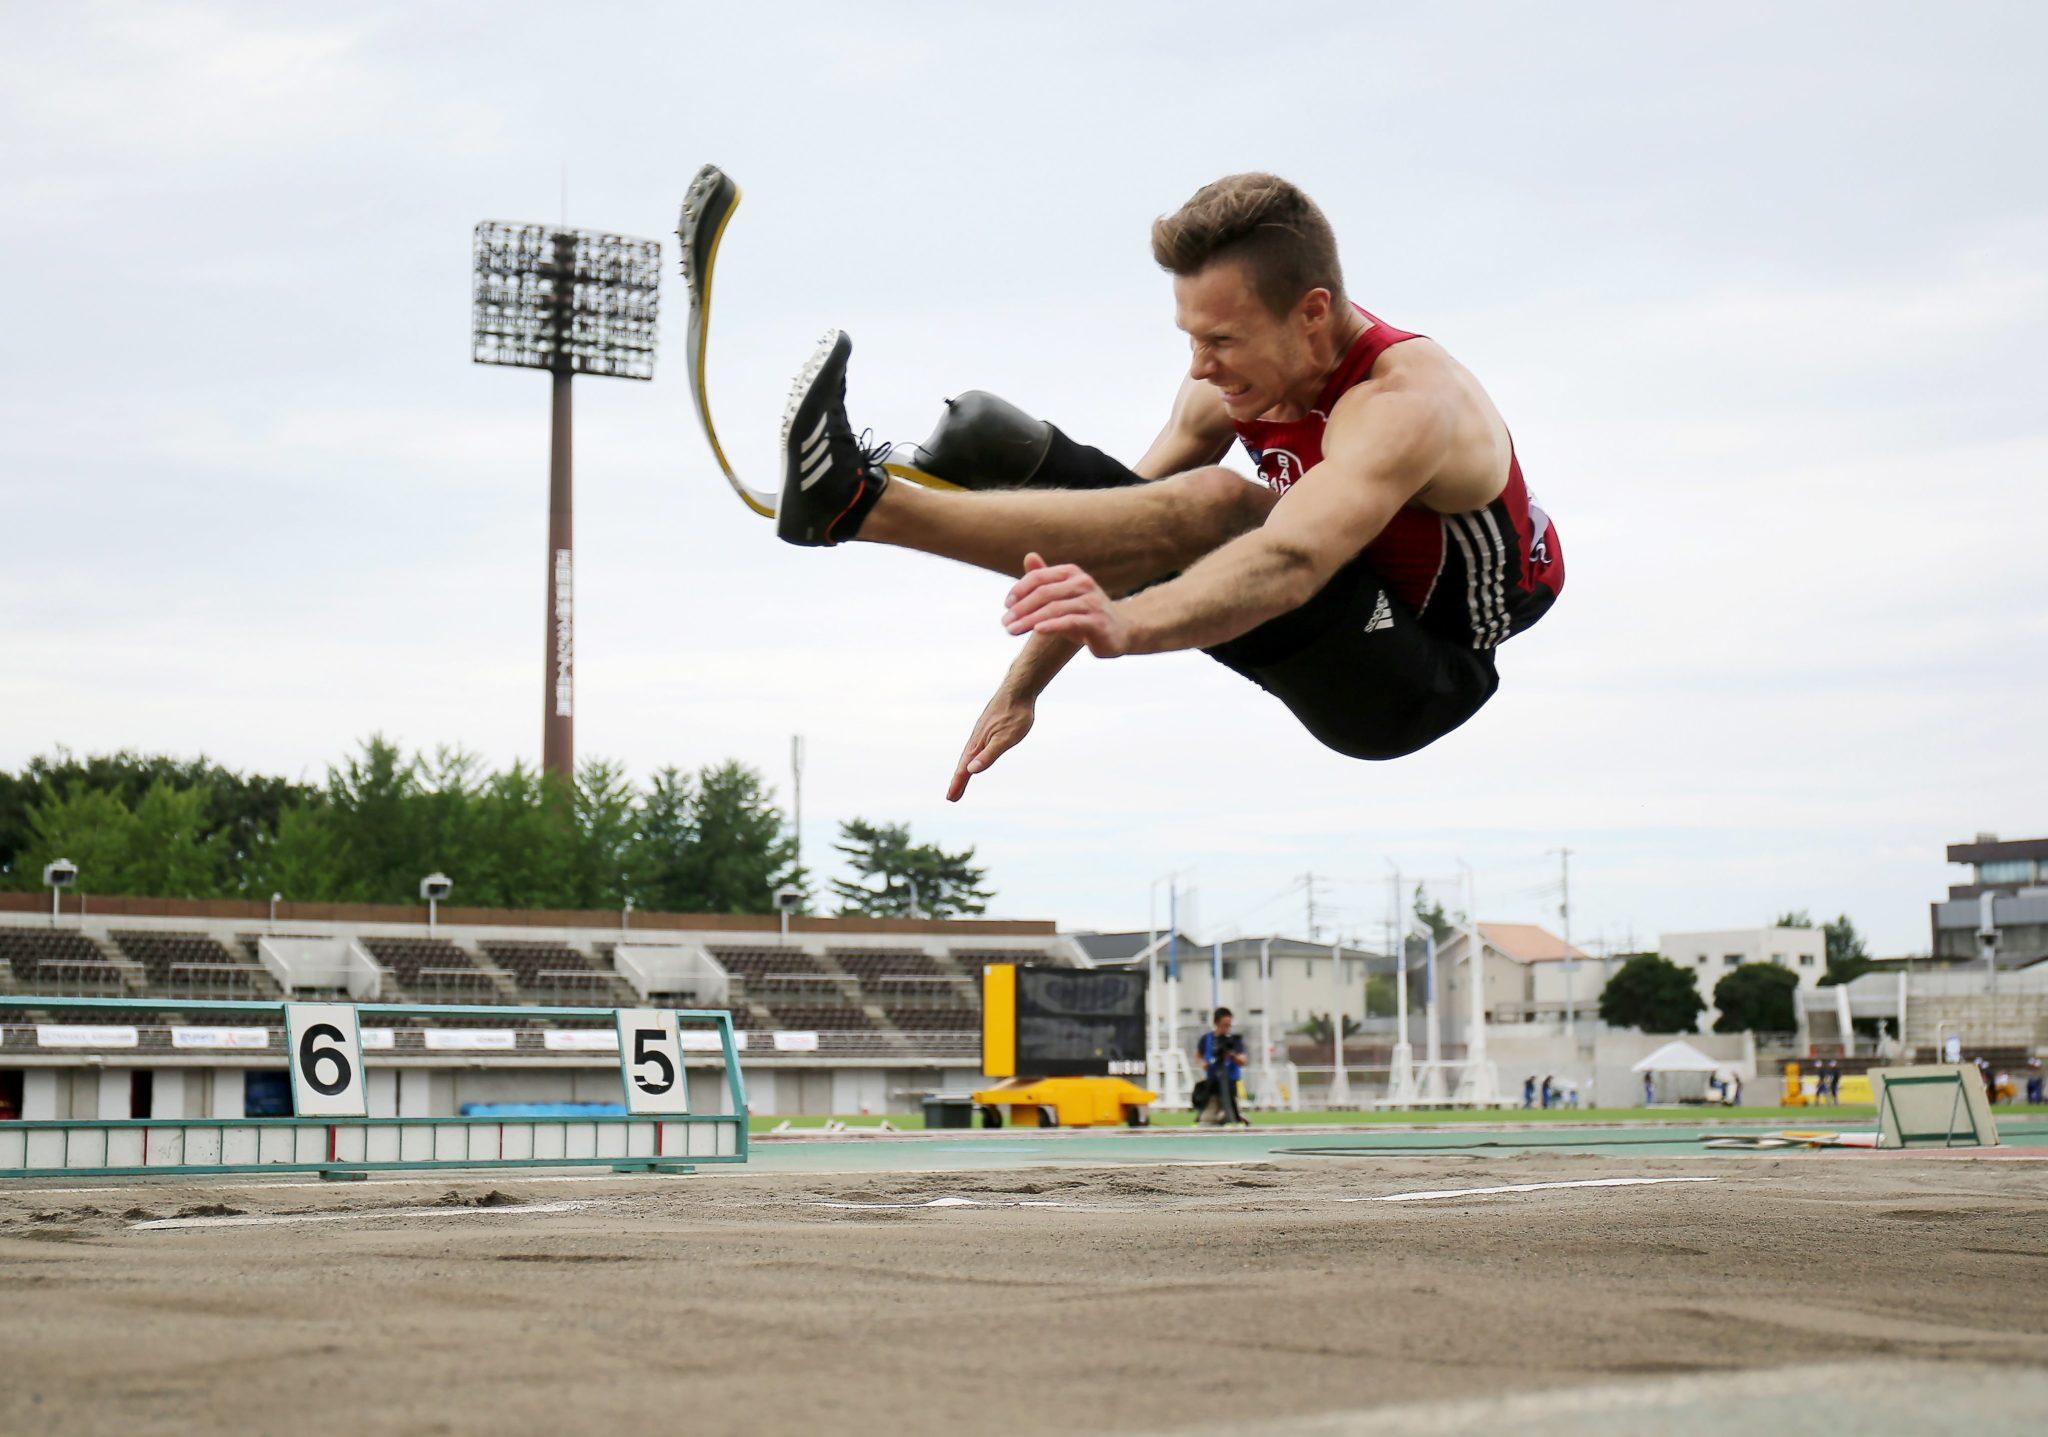 Markus Rehm z Niemiec ustanowił nowy rekord świata w męskim skoku w dal podczas Mistrzostw Świata w Lekkoatletyce osób niepełnopsrawnych. Markus Rehm skoczył 8.47 metra, fot: Jiji Press Japan, PAP/EPA